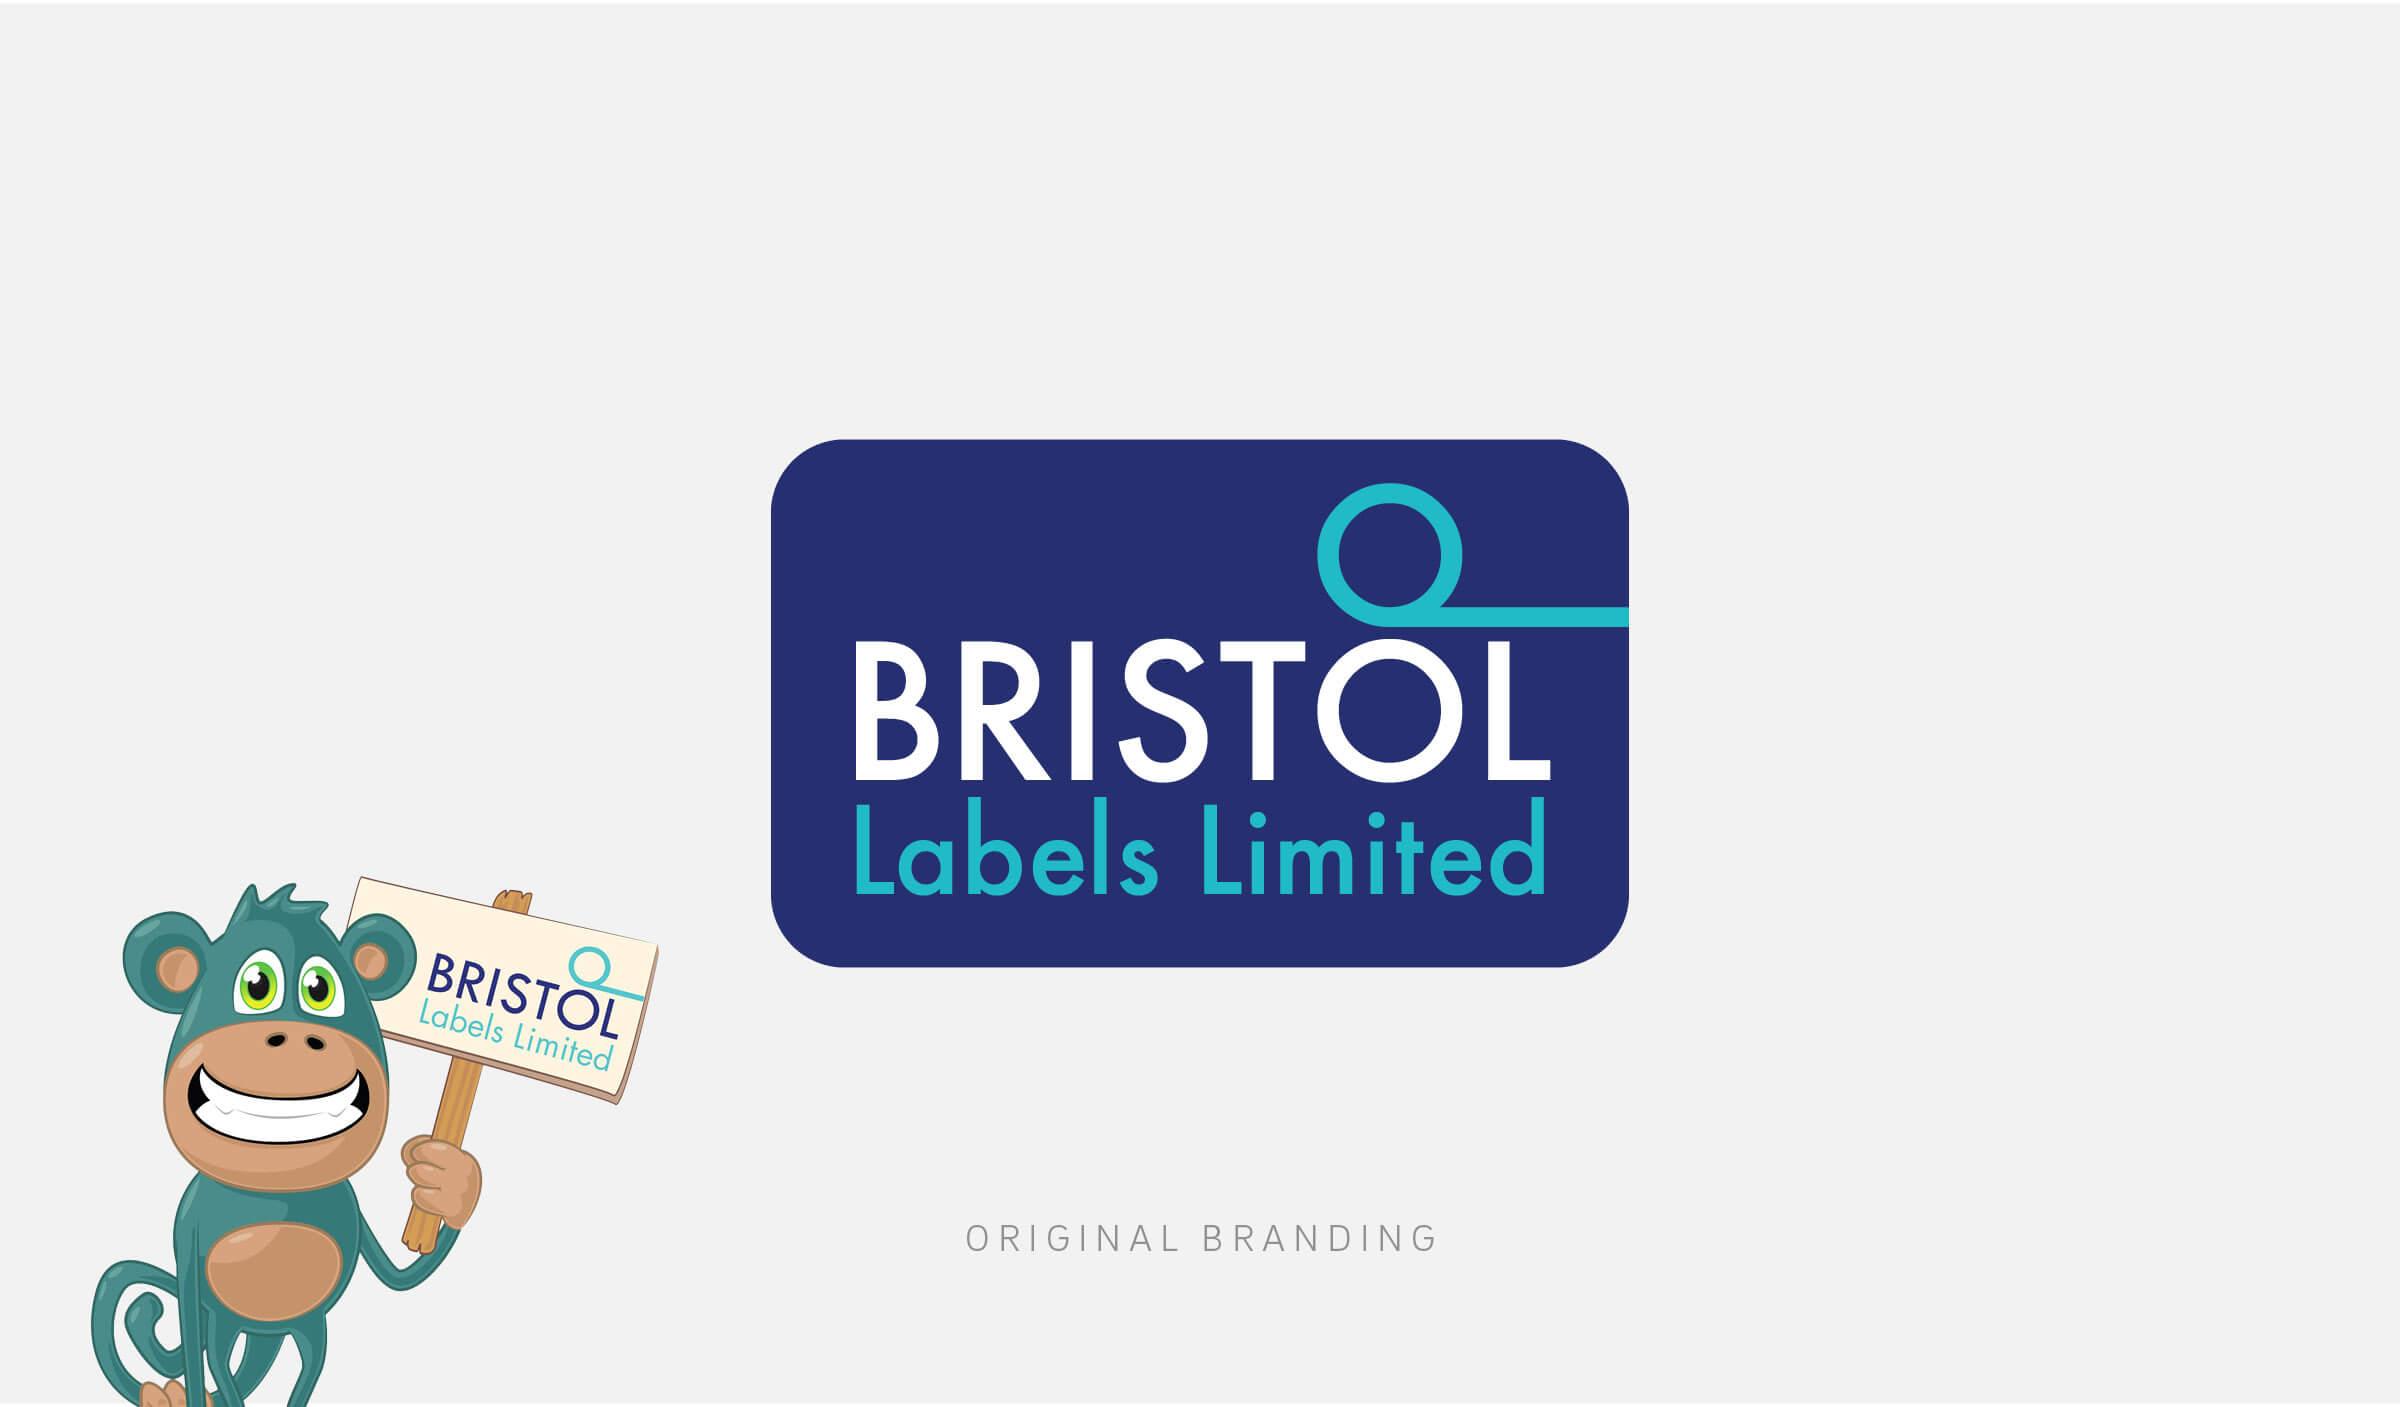 Bristol Labels old logo design